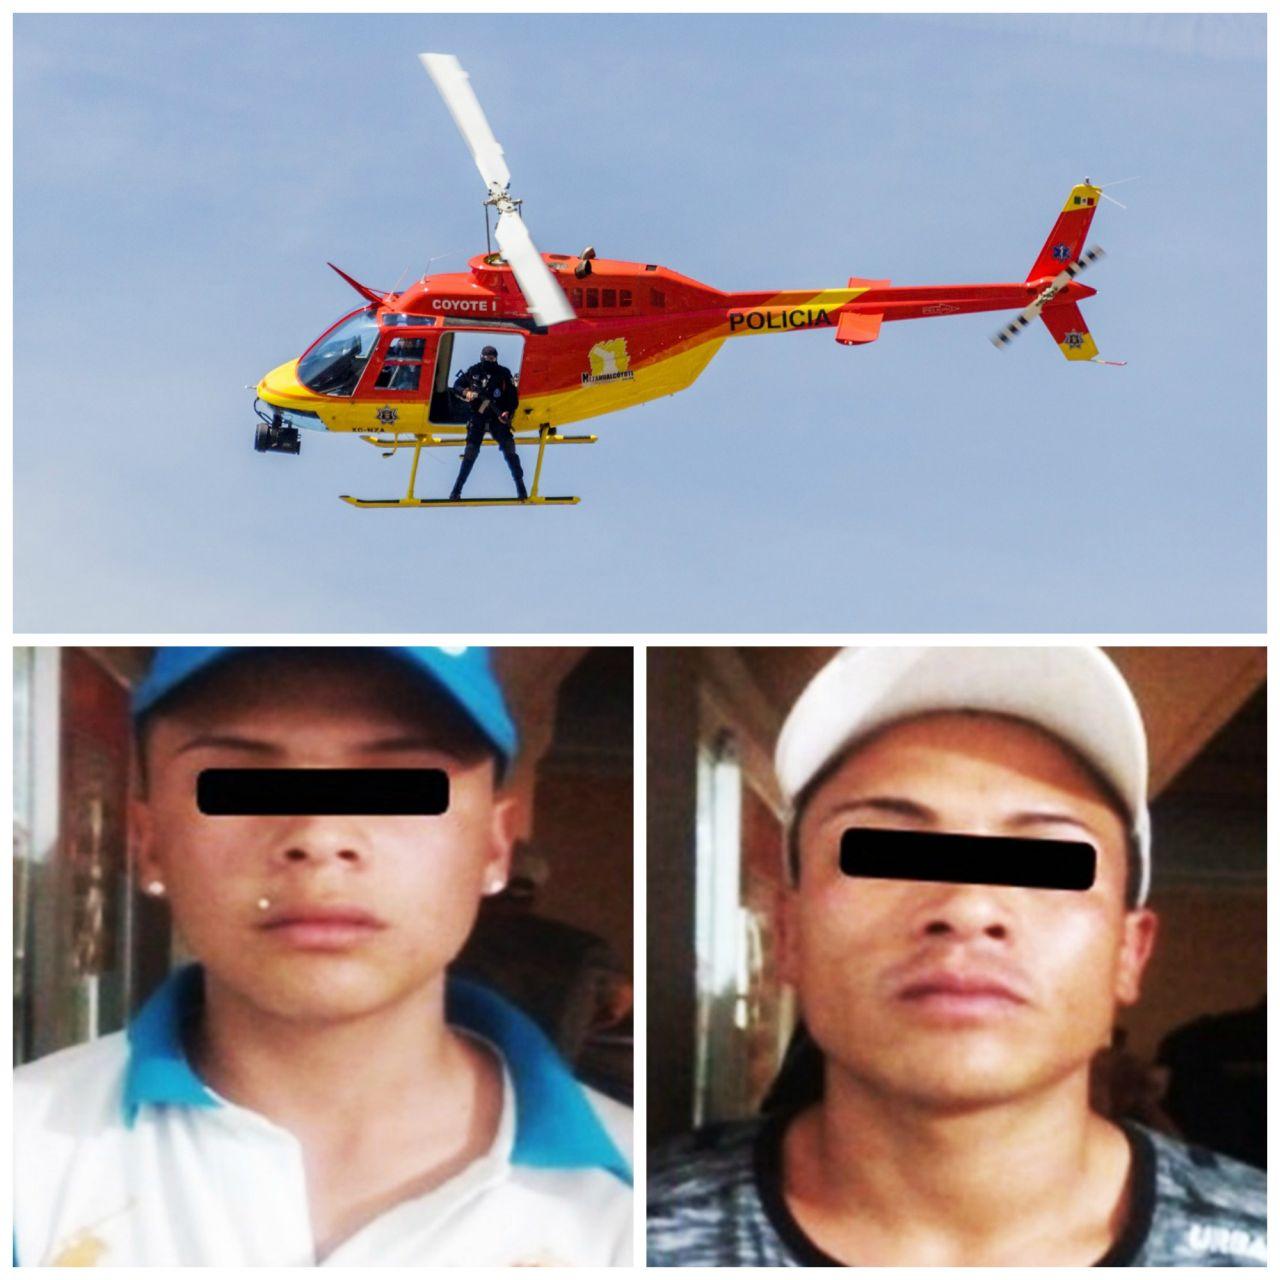 Con intervención del helicóptero policía municipal de Nezahualcóyotl detienen a dos  presuntos  delincuentes por robo a vehículo